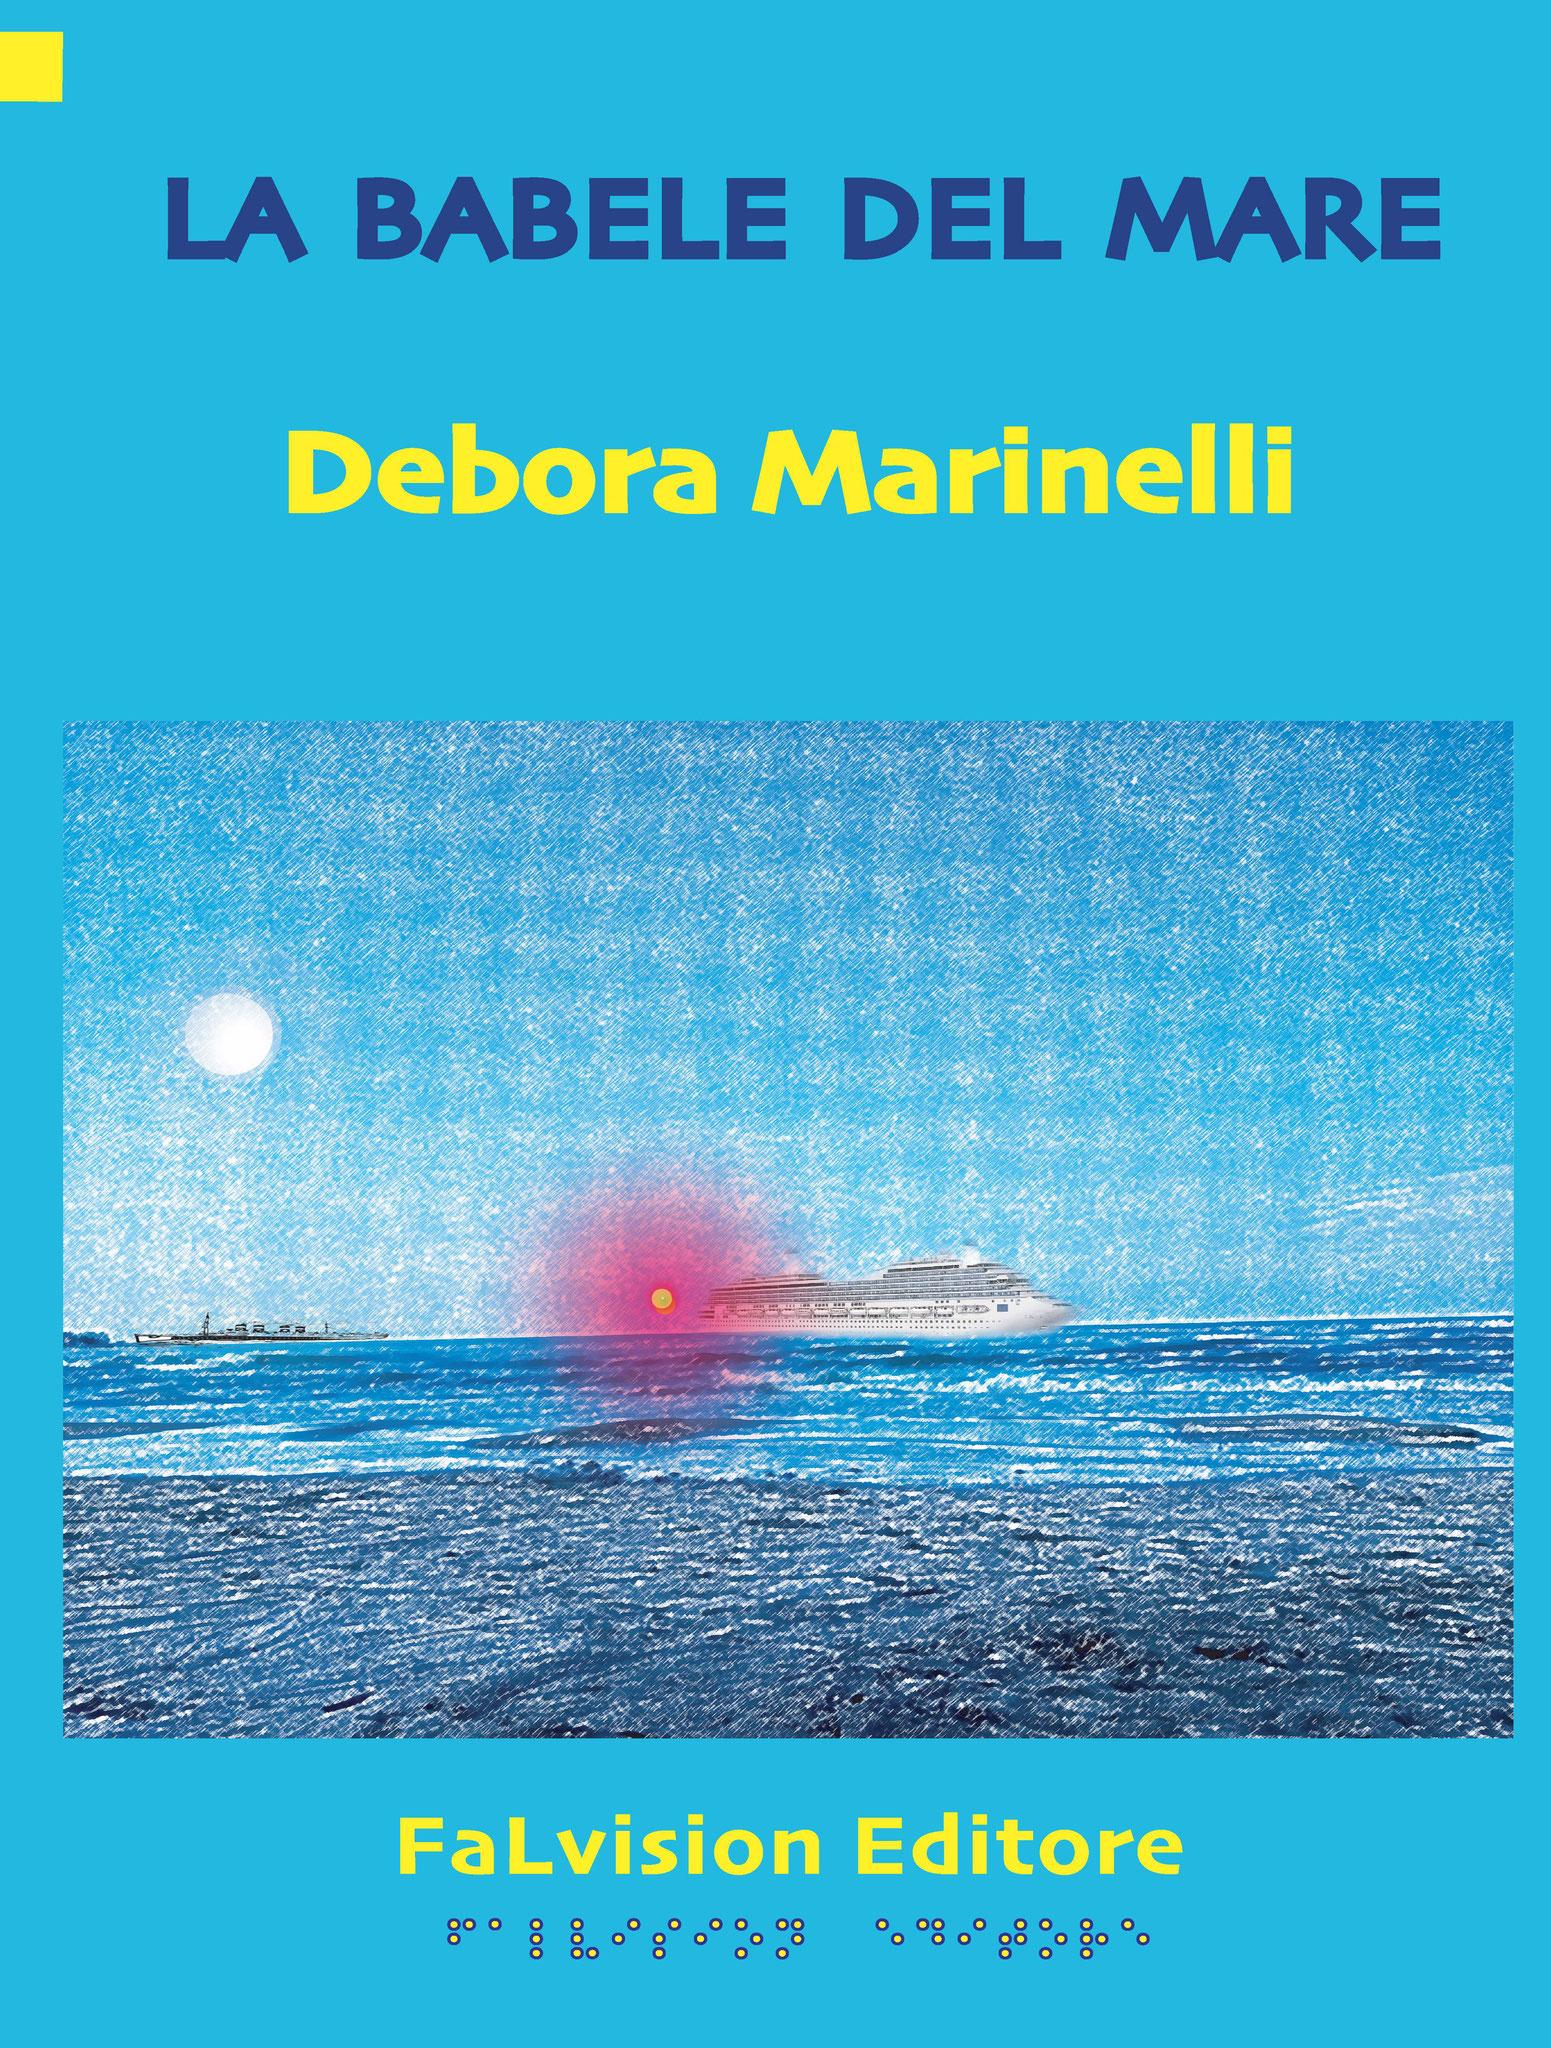 La Babele del mare, Debora Marinelli